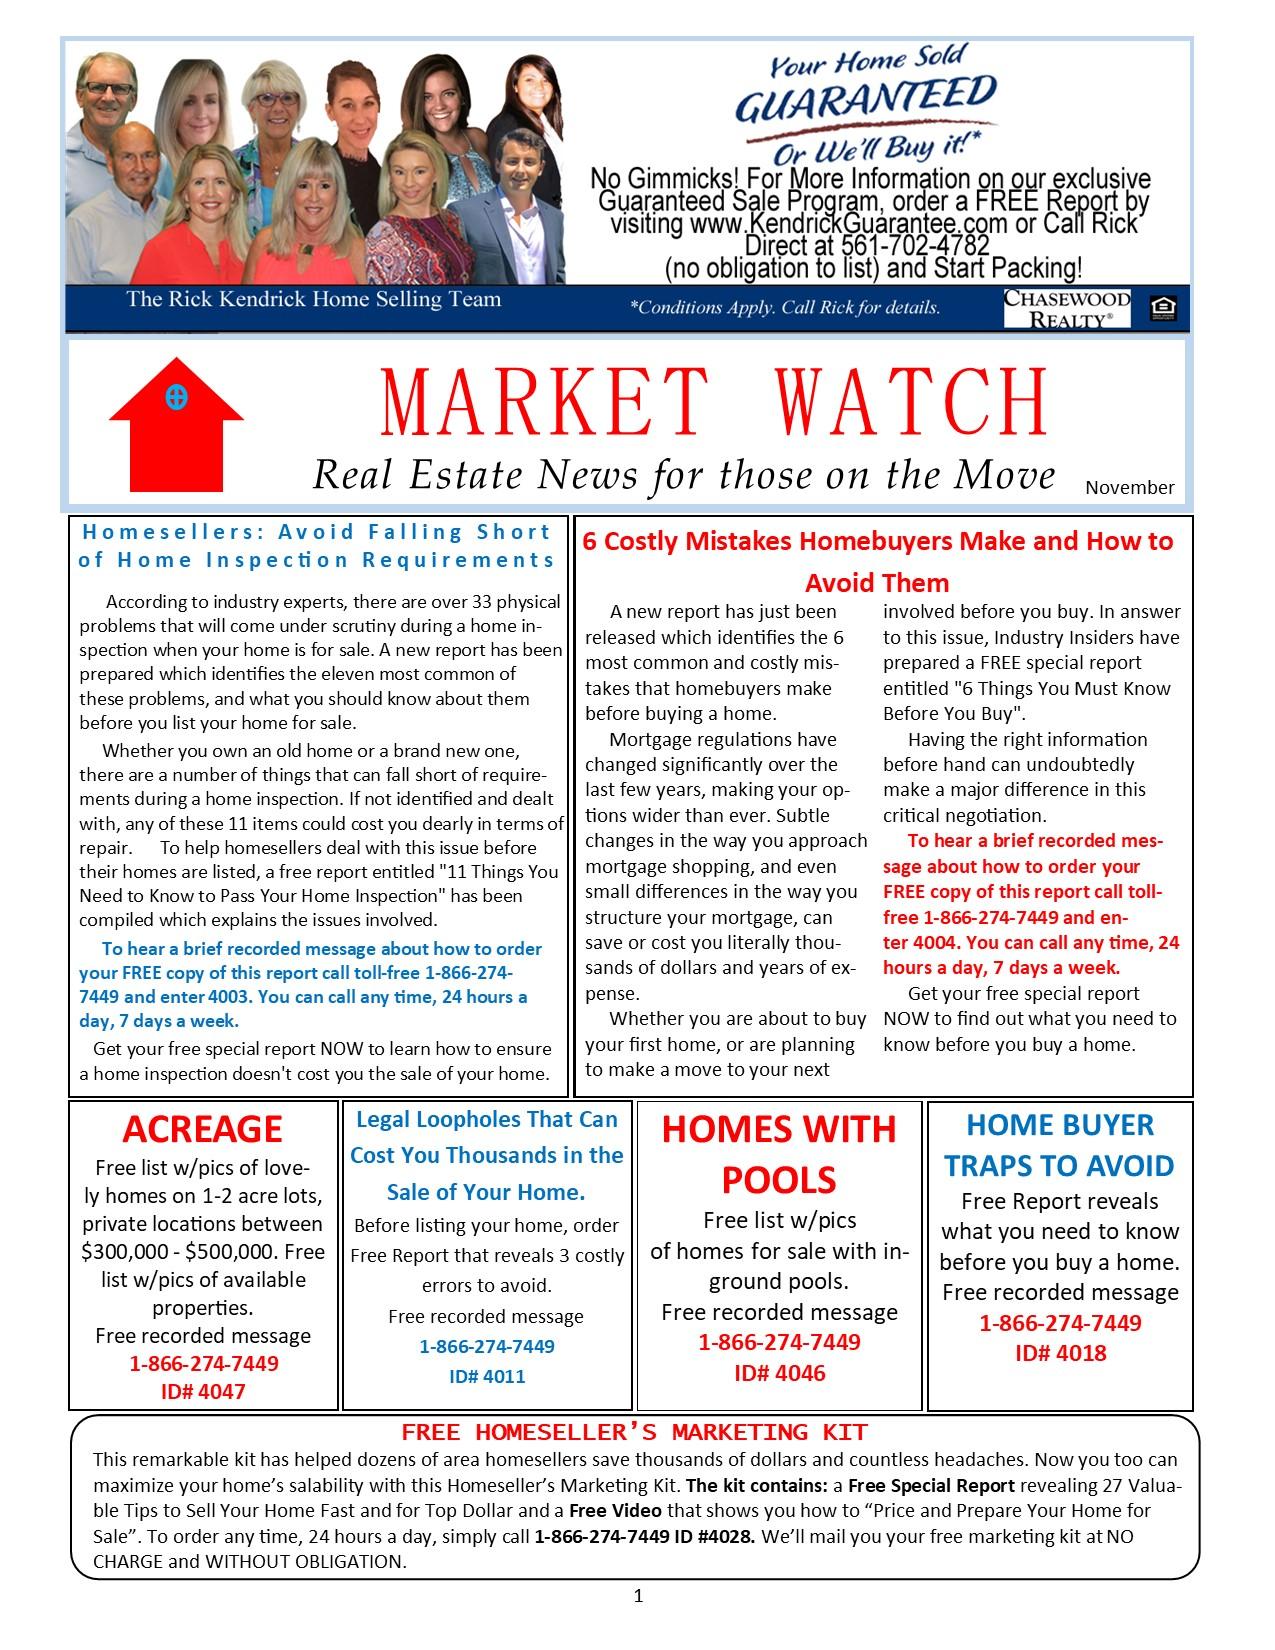 MarketWatch Newsletter November 2020